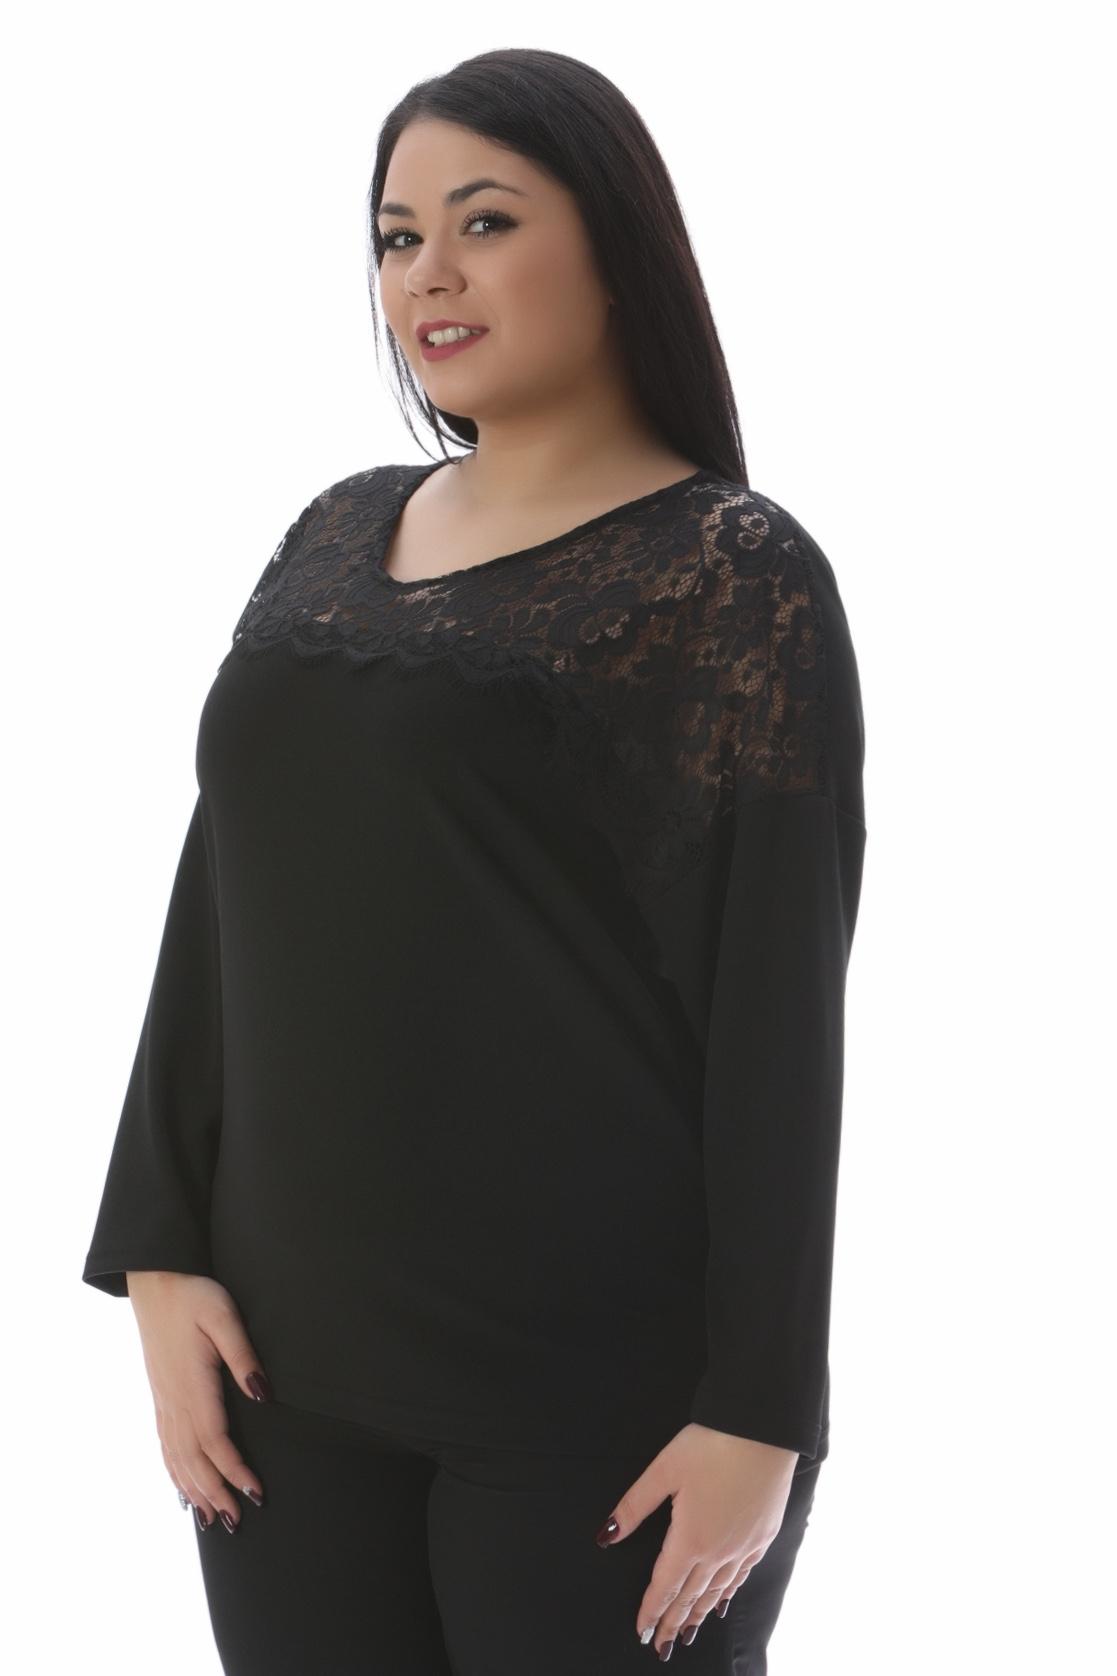 Μπλούζα με δαντέλα μαύρη νέες αφίξεις   ενδύματα   μπλούζες